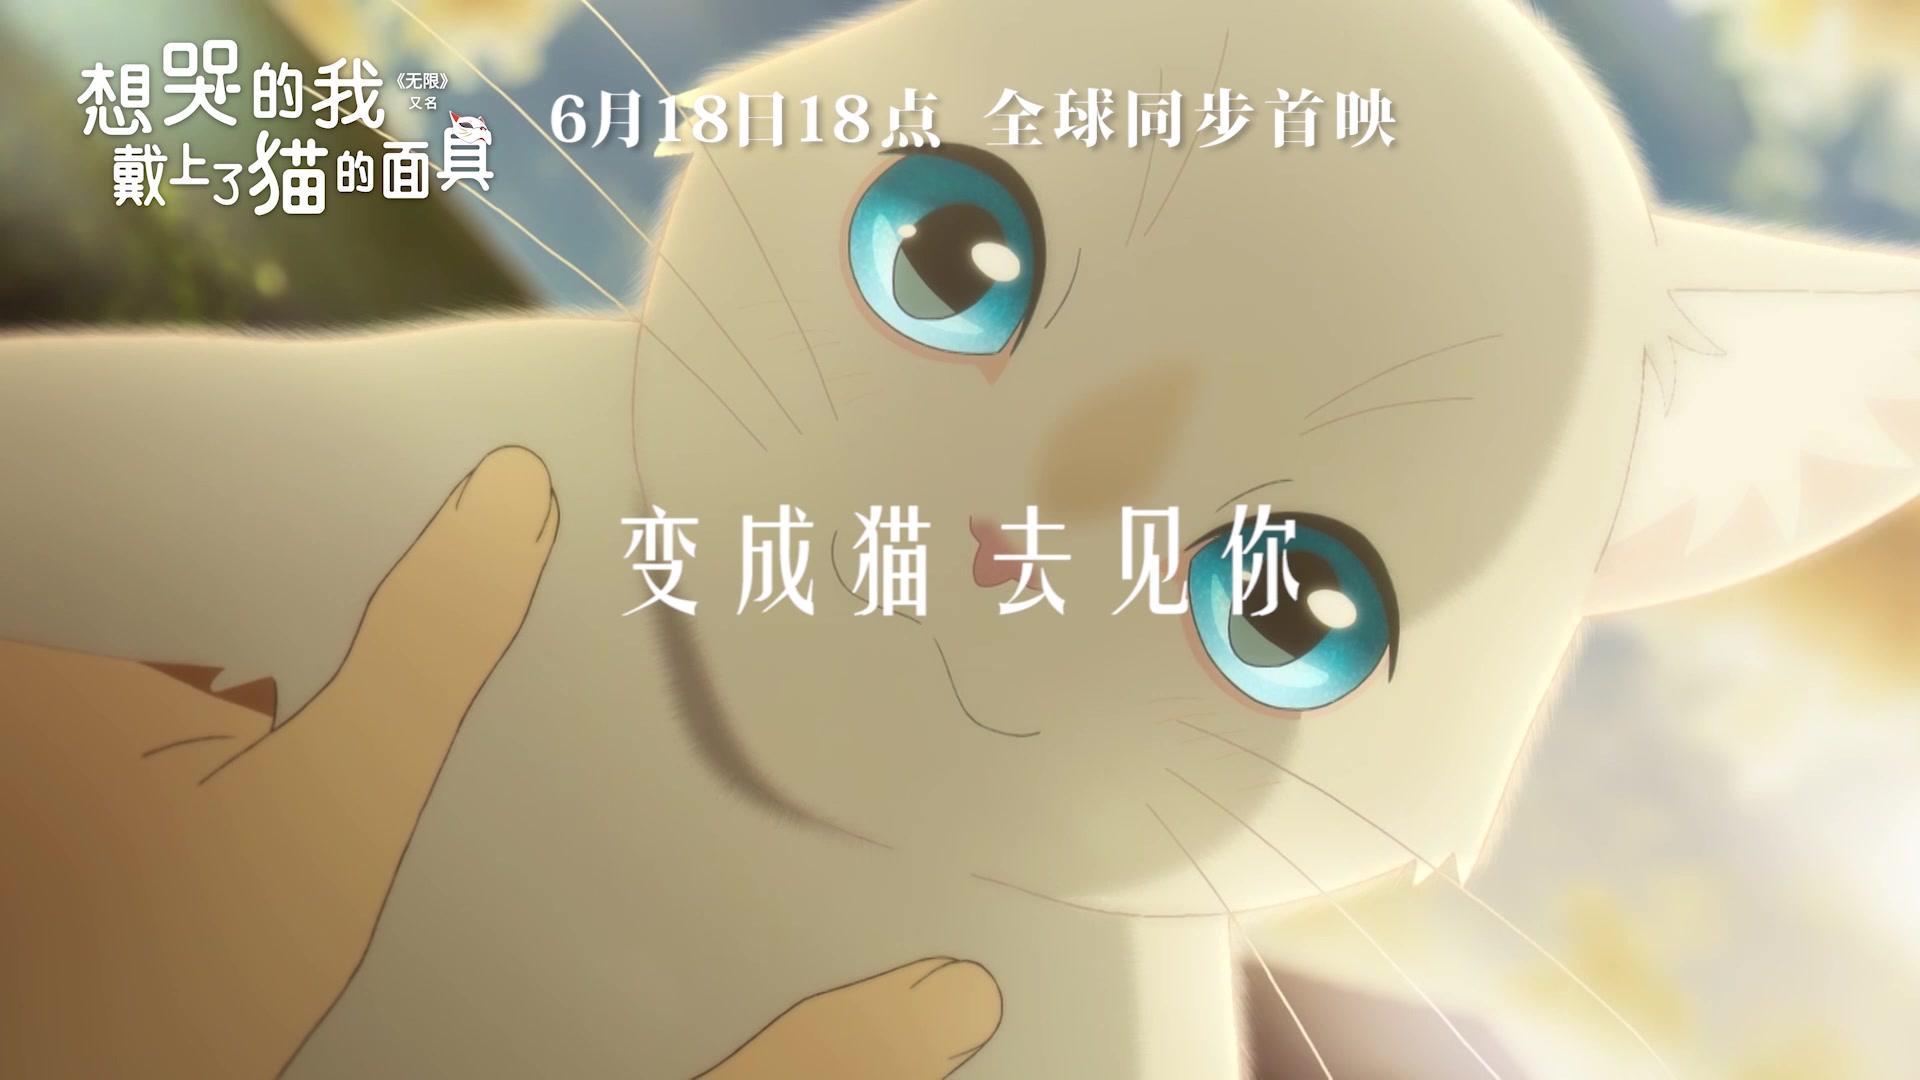 《无限》:今夏治愈动画全球首播!少女戴上猫面具开启奇幻之旅